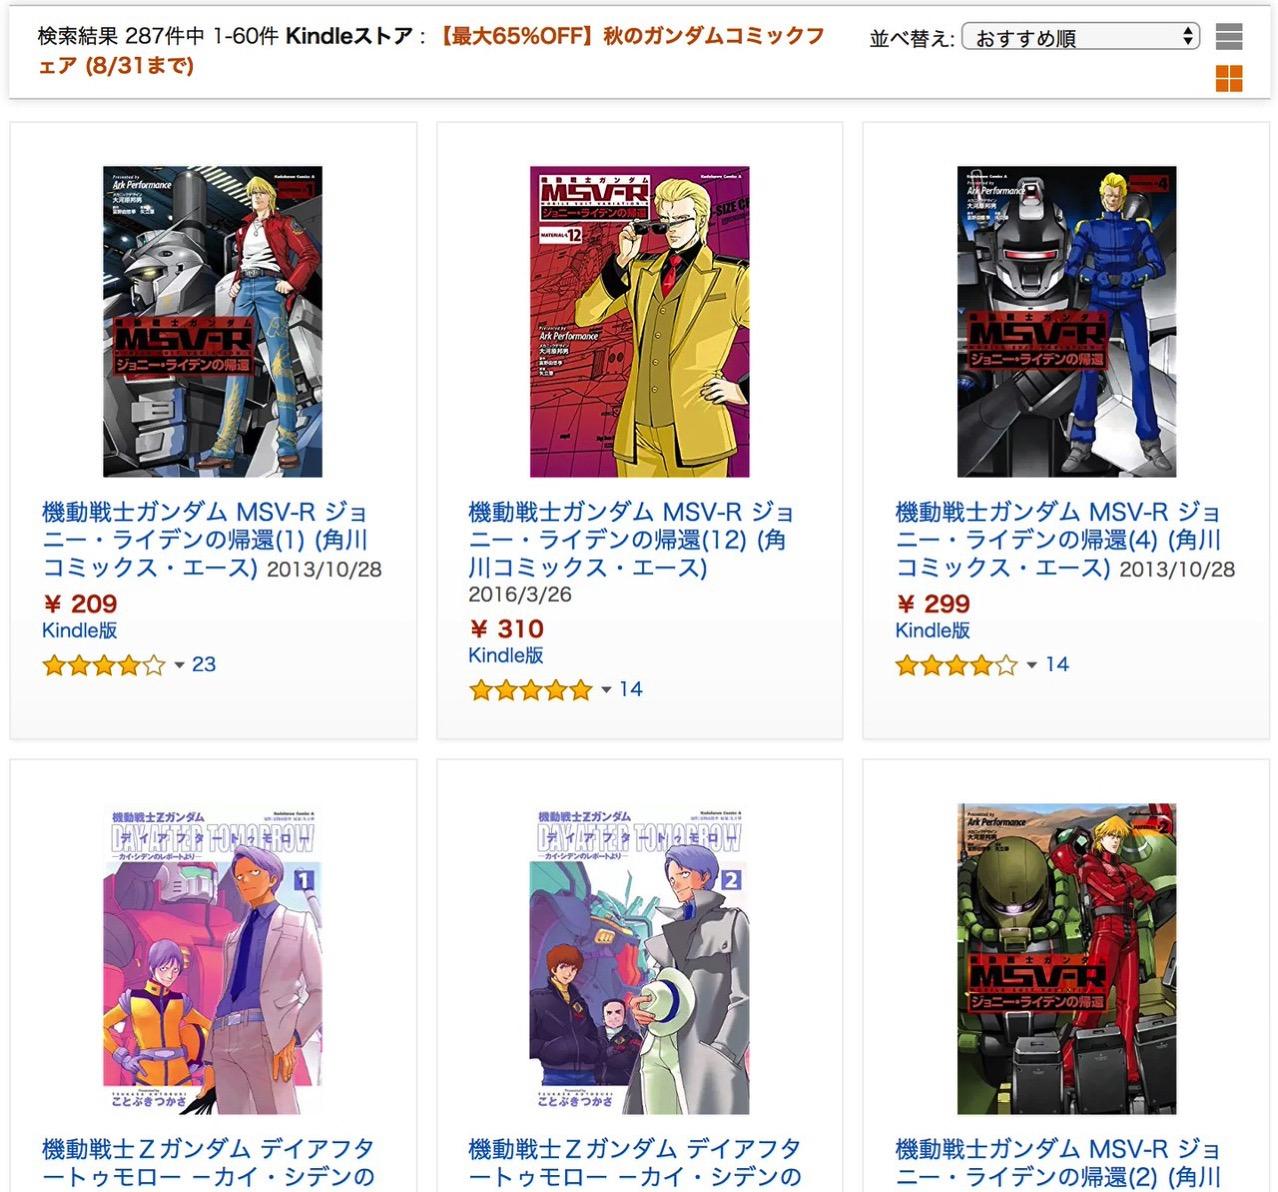 【Kindleセール】最大65%OFF「秋のガンダムコミックフェア」(8/31まで)